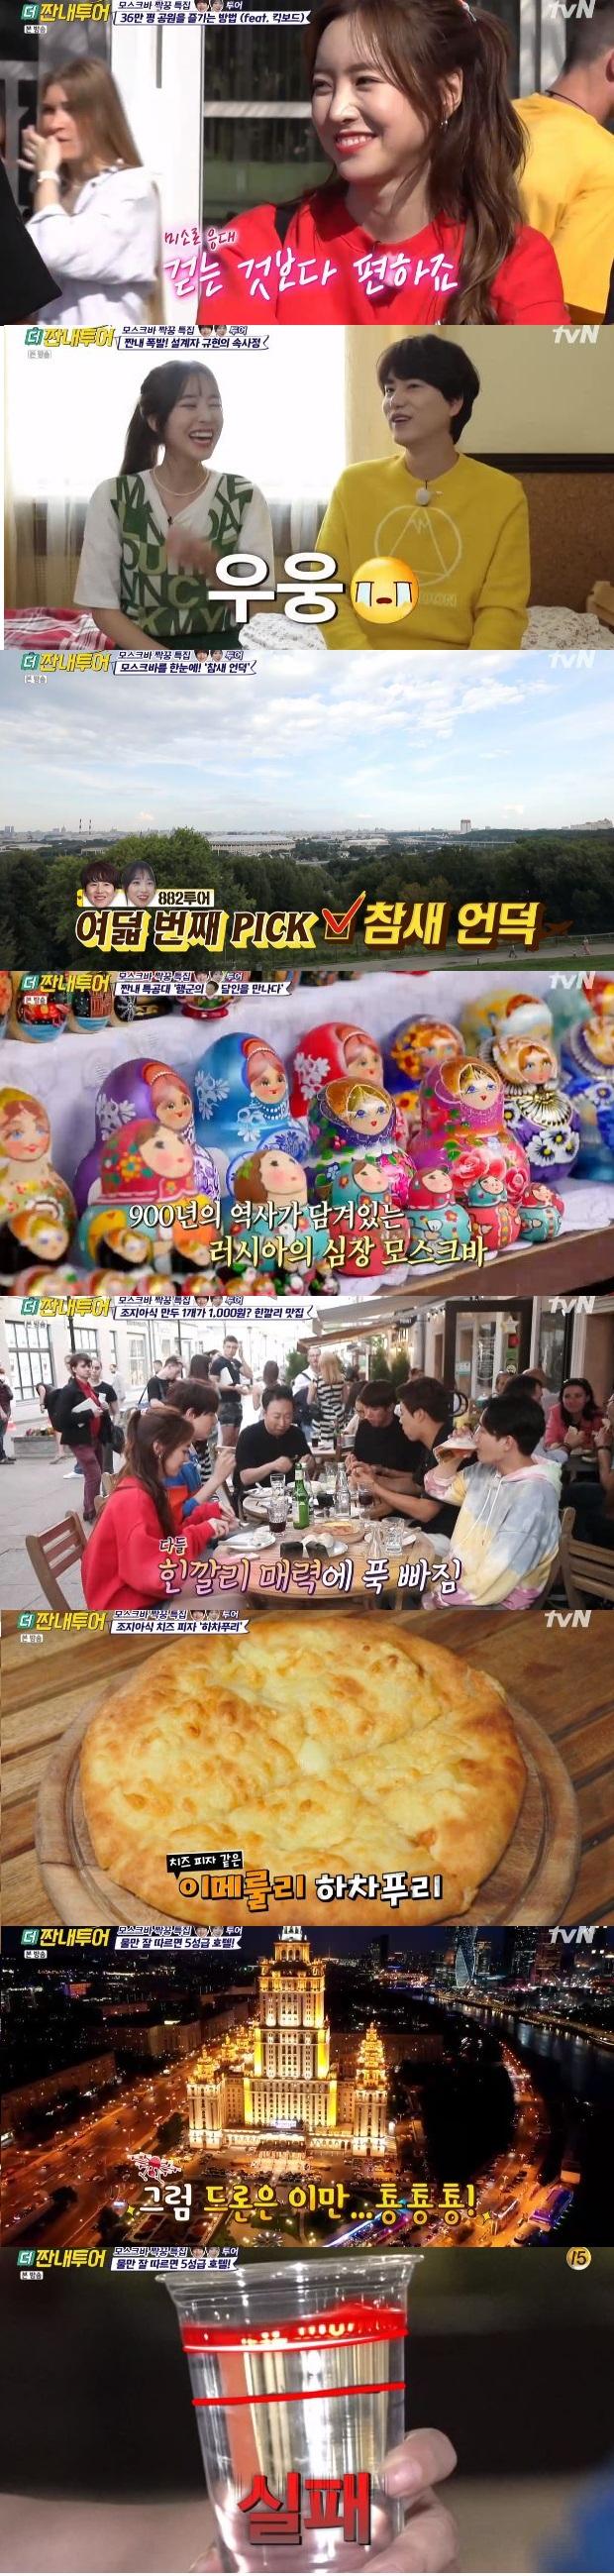 규현 진세연 / tvN '더짠내투어' 캡처